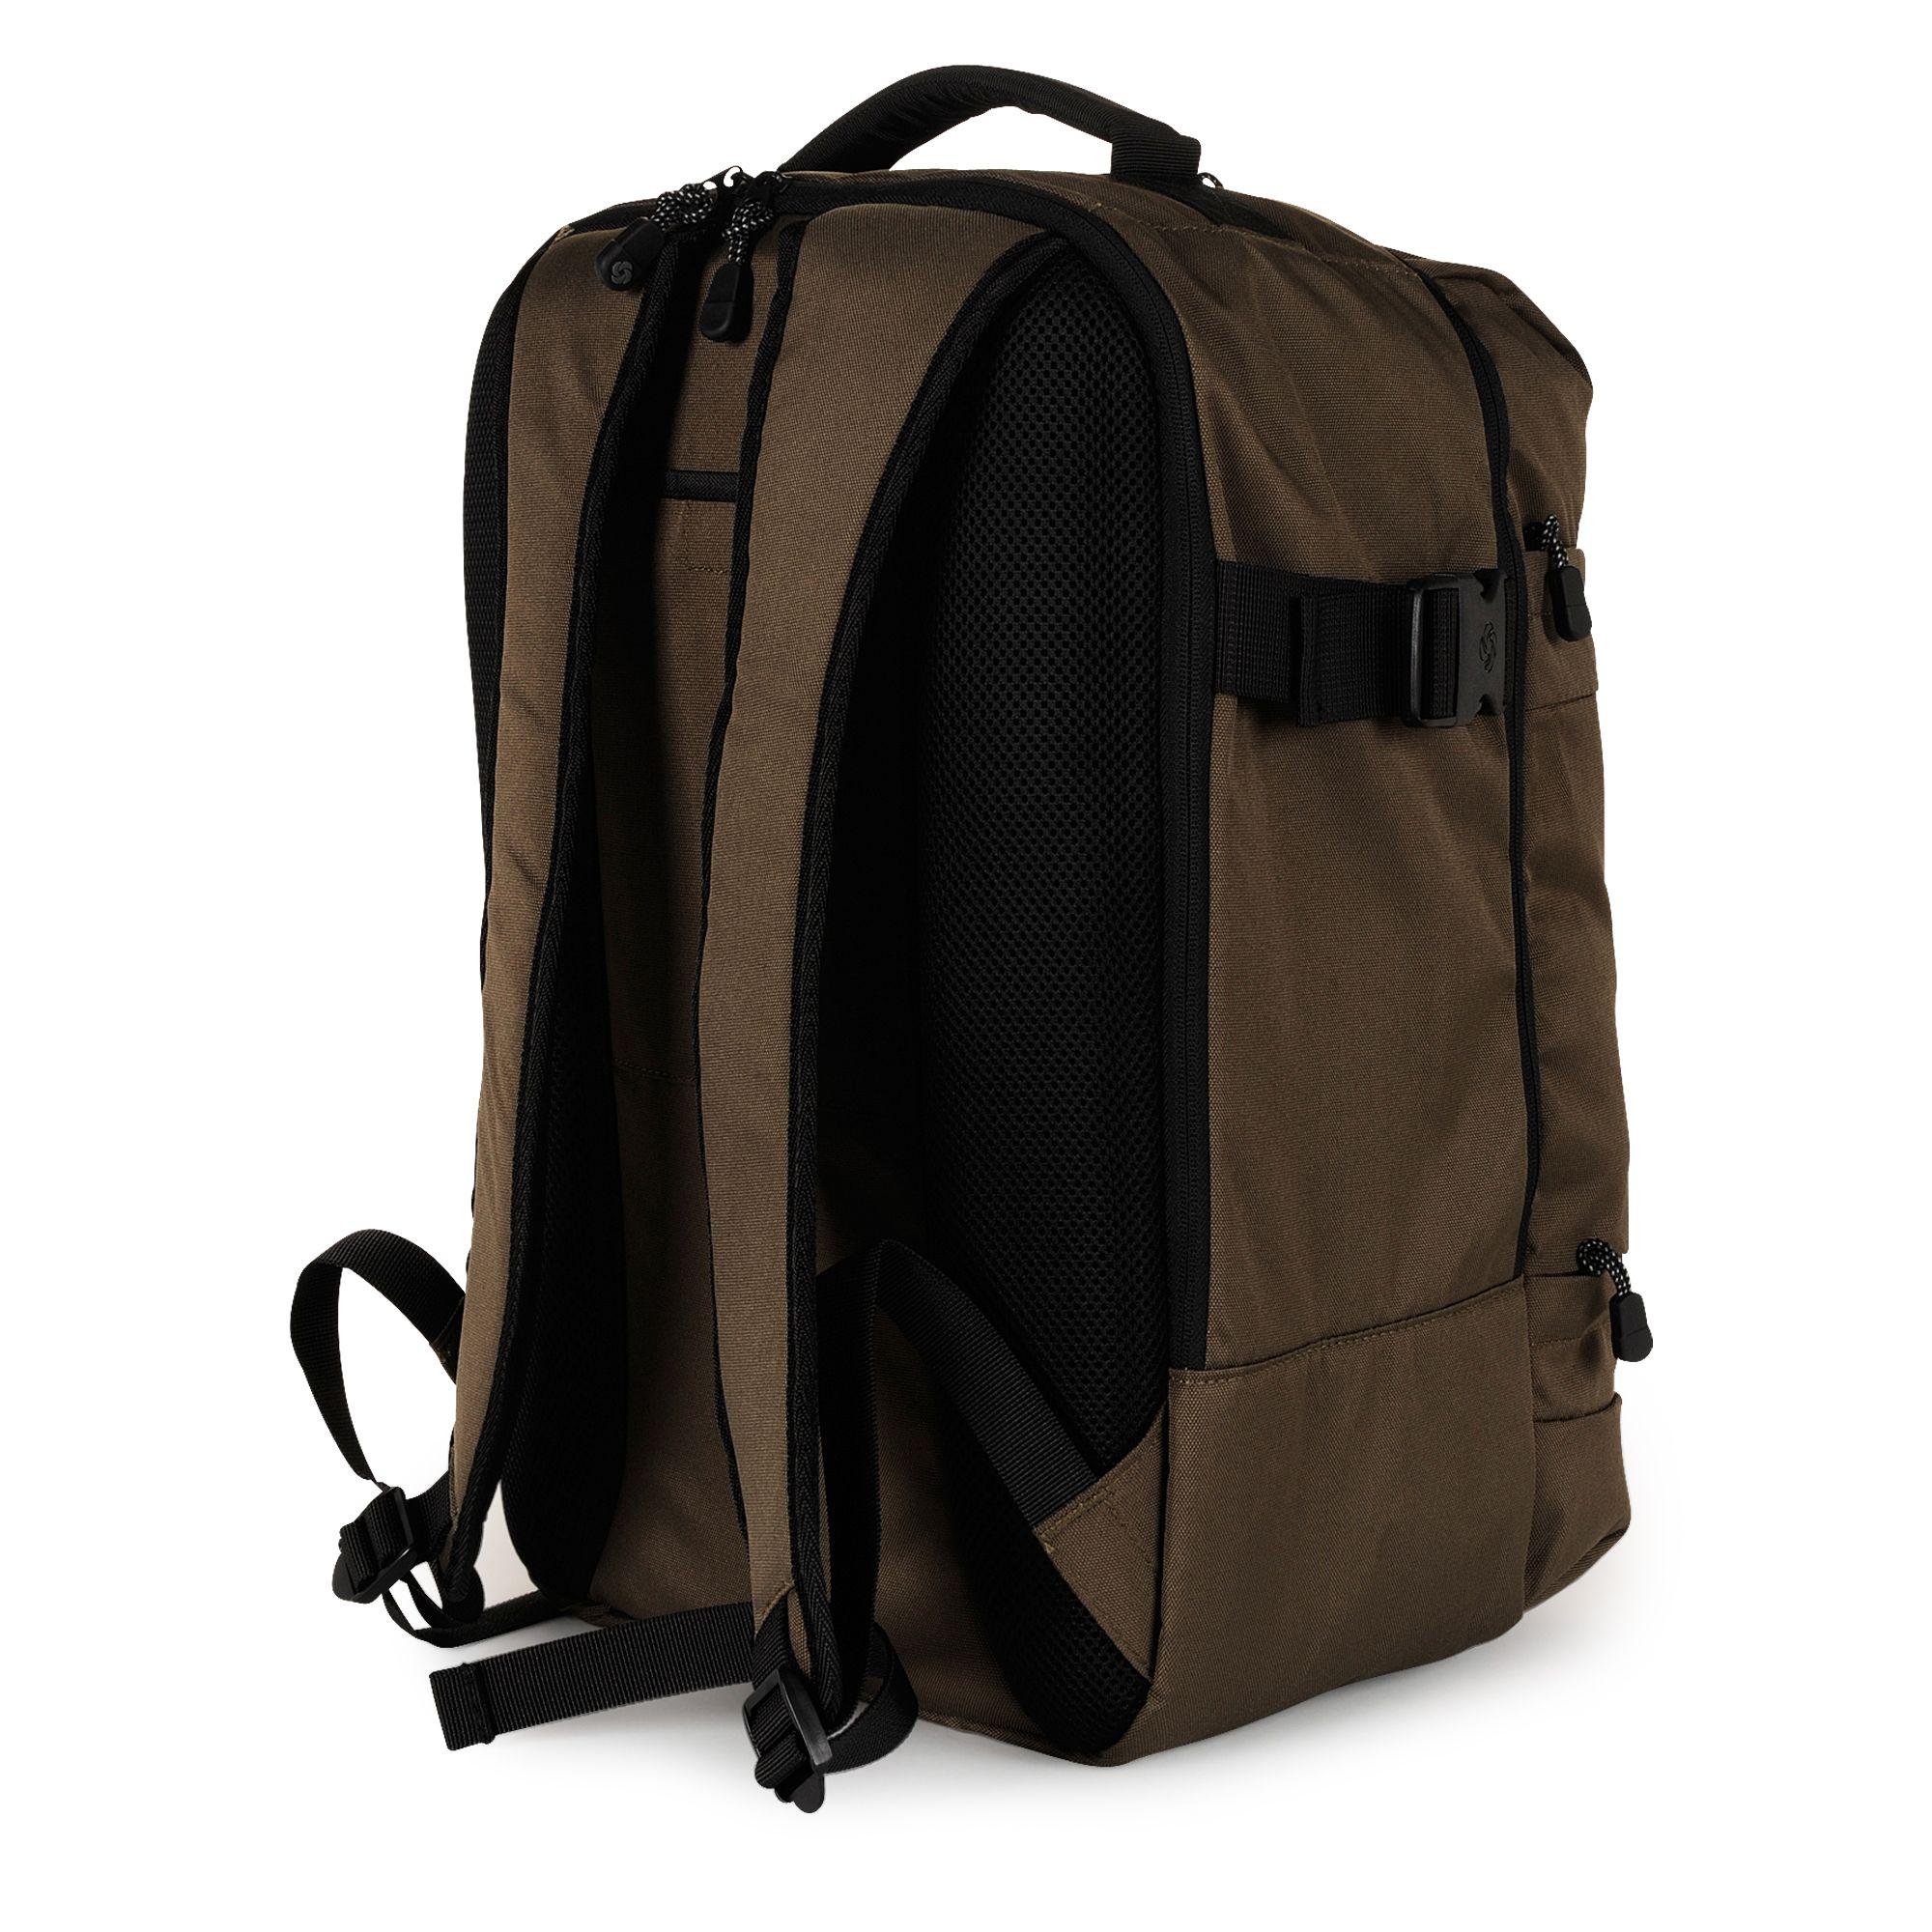 Samsonite Metatrak Laptop Backpack Large in Khaki (Green) for Men